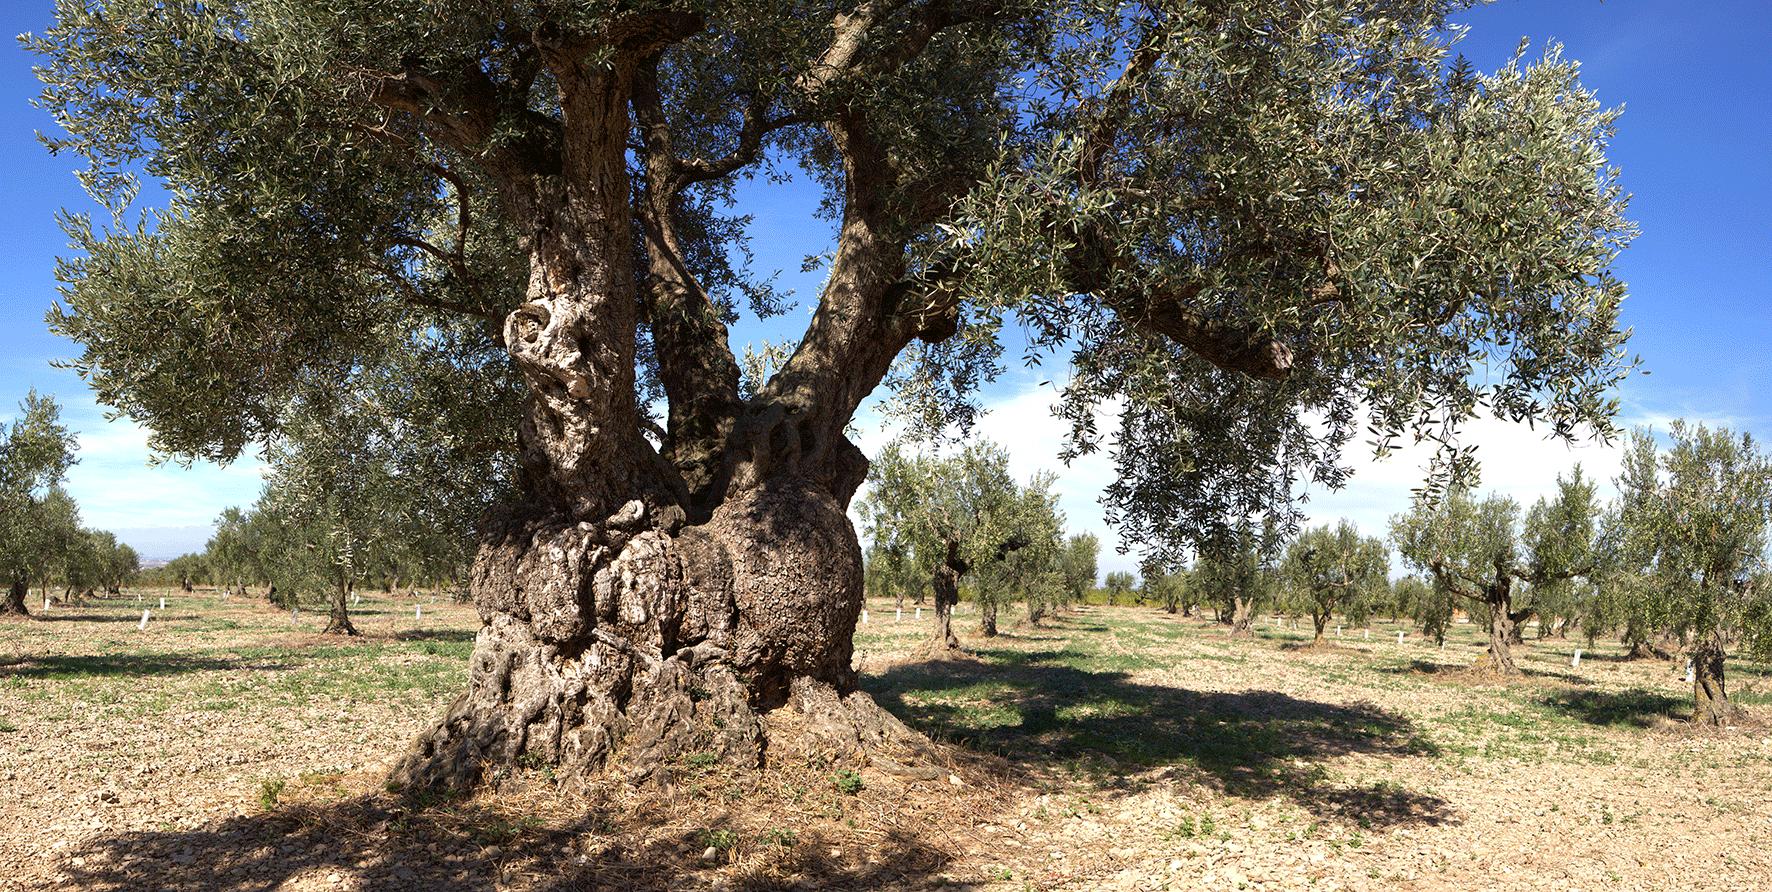 在地中海陽光滋潤下生長的百年橄欖樹